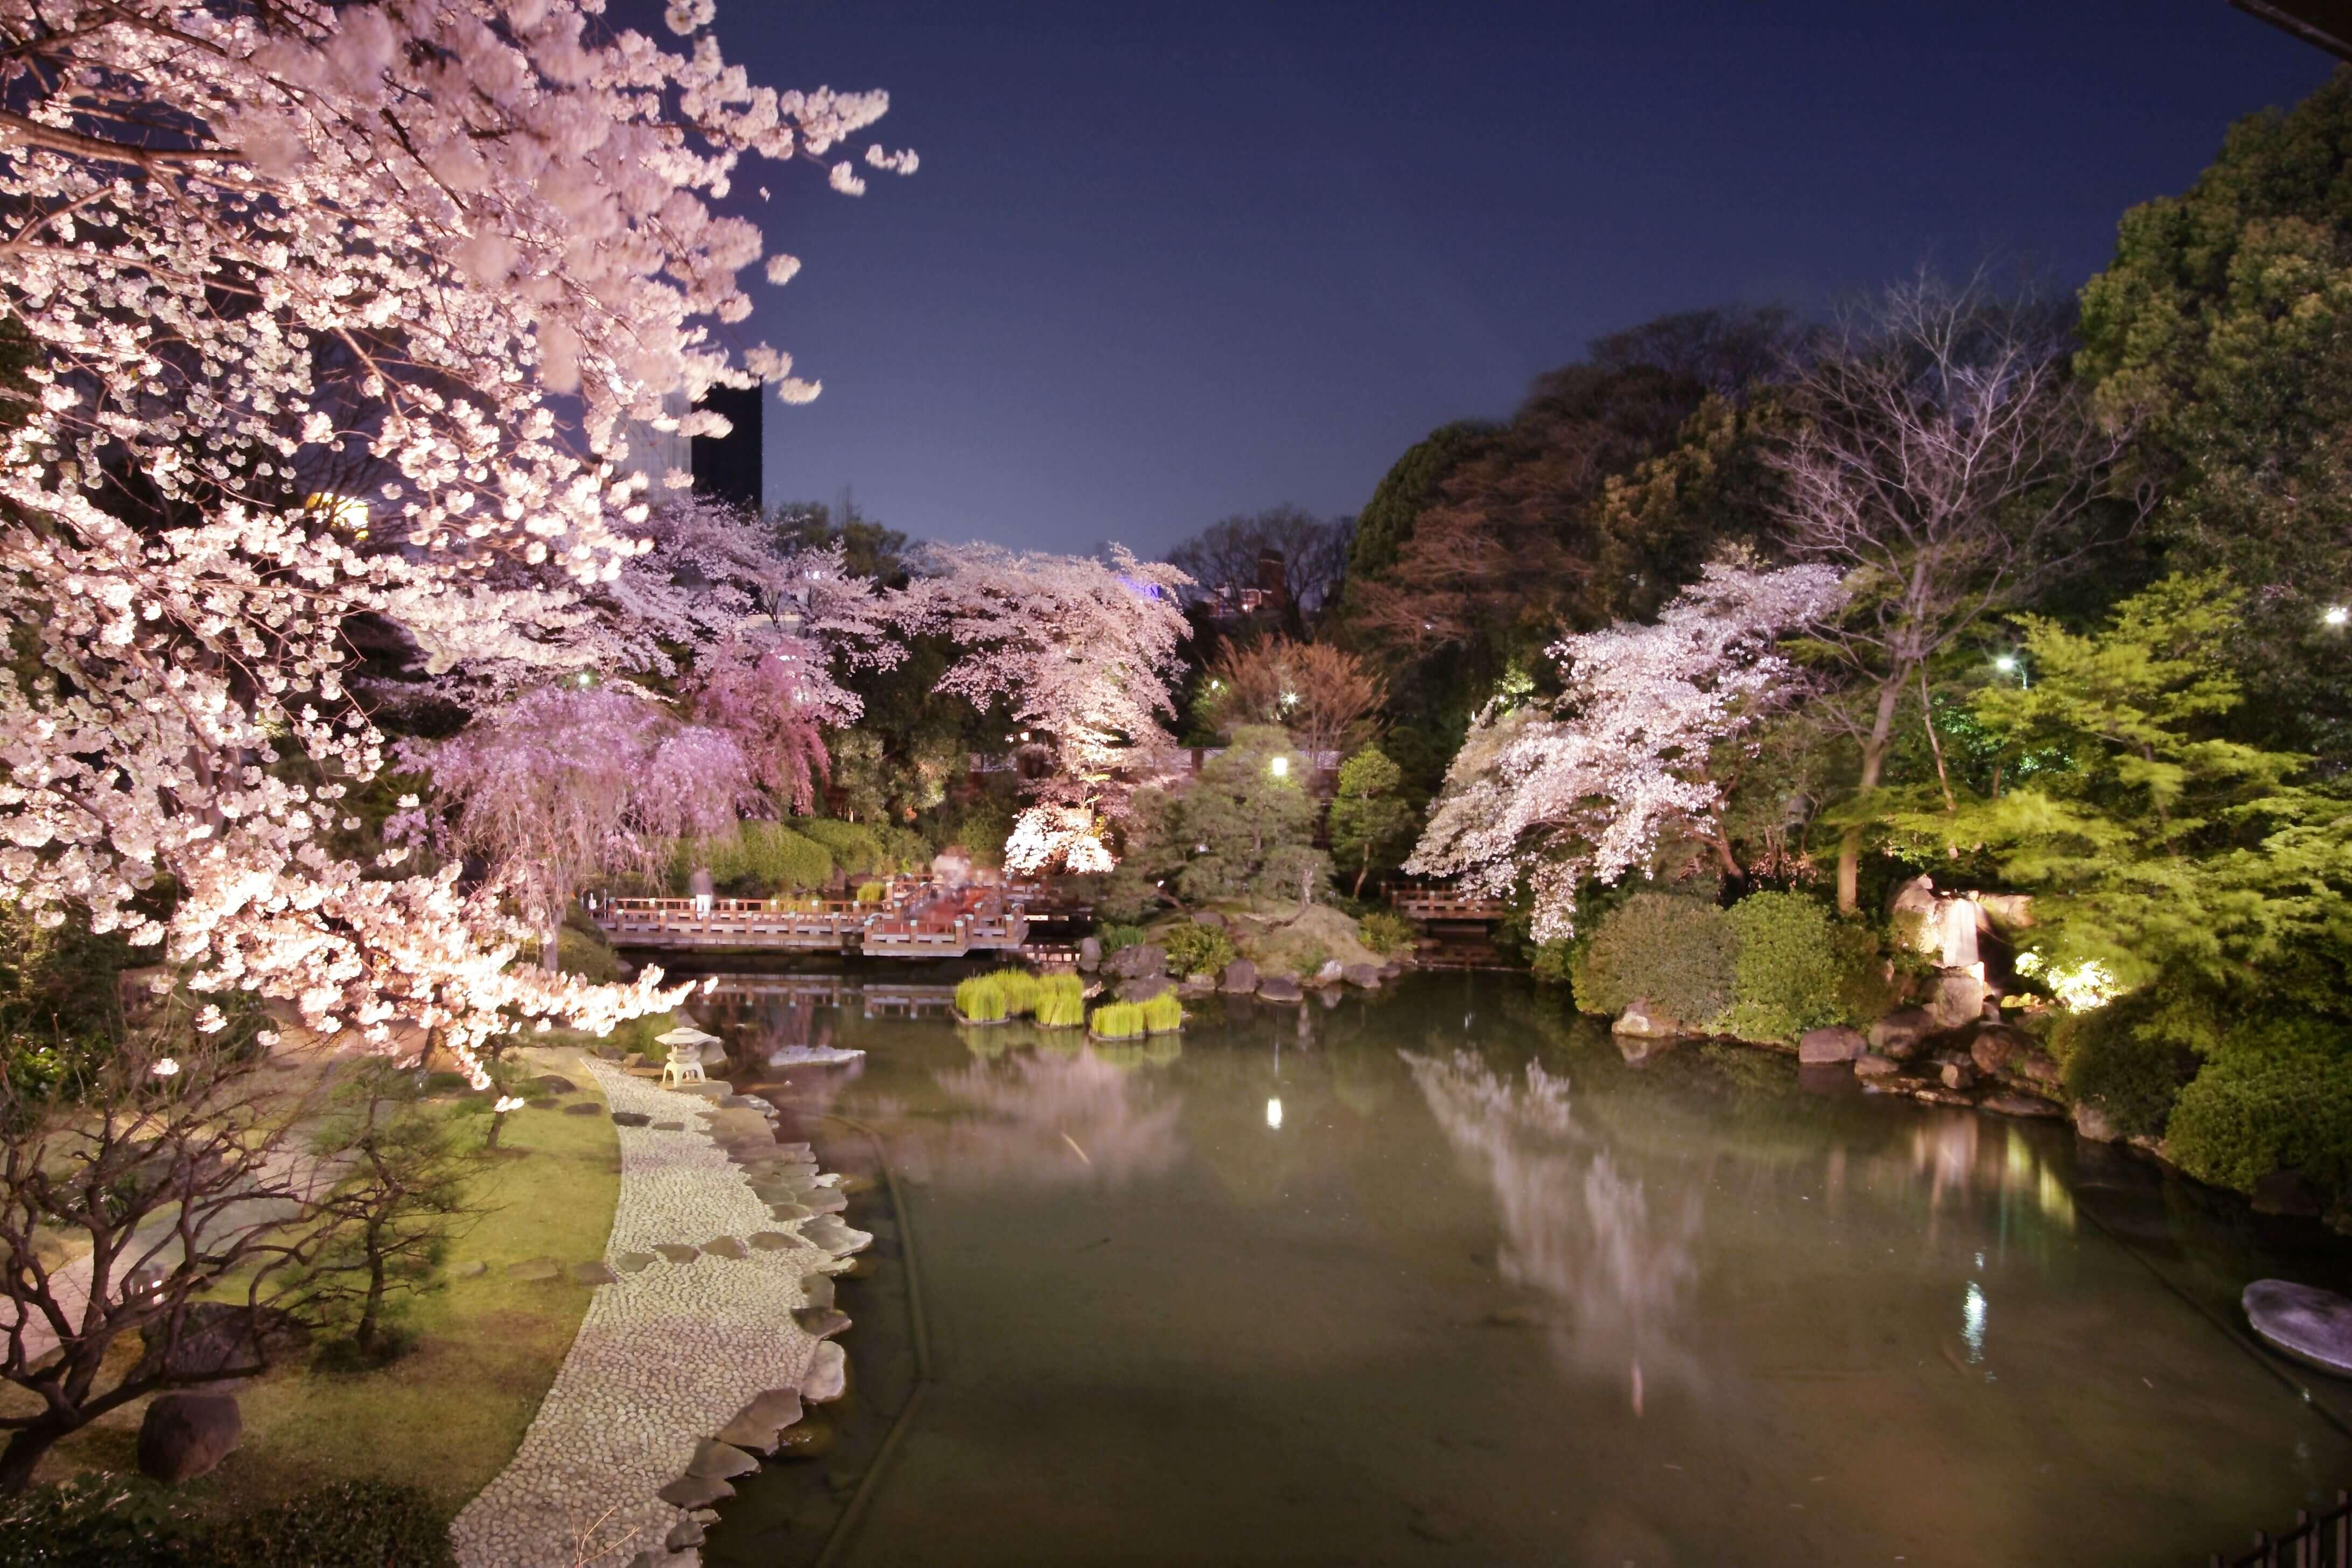 日本庭園でお花見が楽しめるレストラン『神楽』原宿